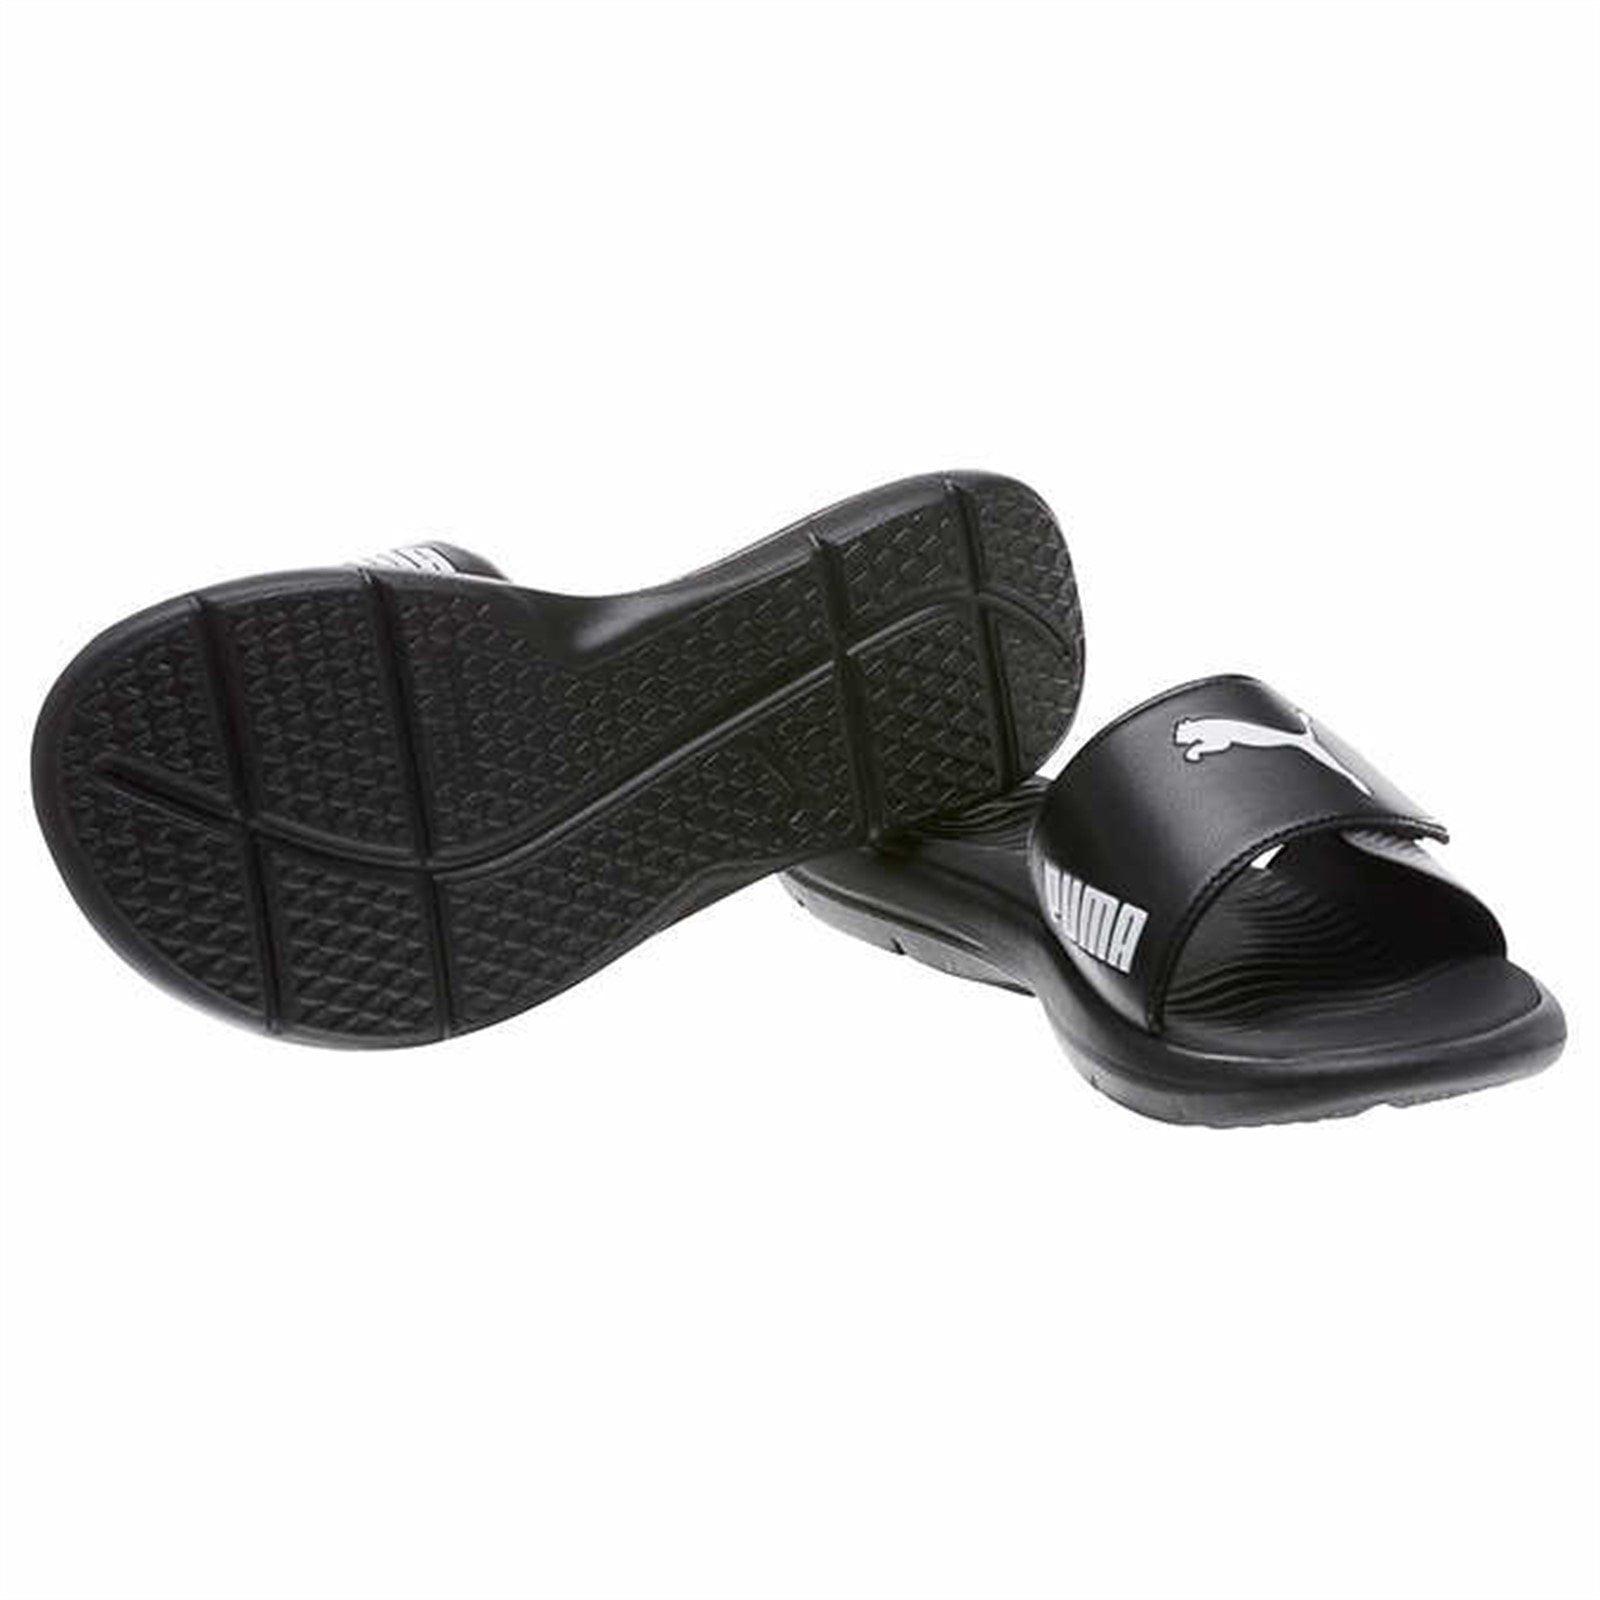 PUMA - PUMA Ladies' Slide Sandal